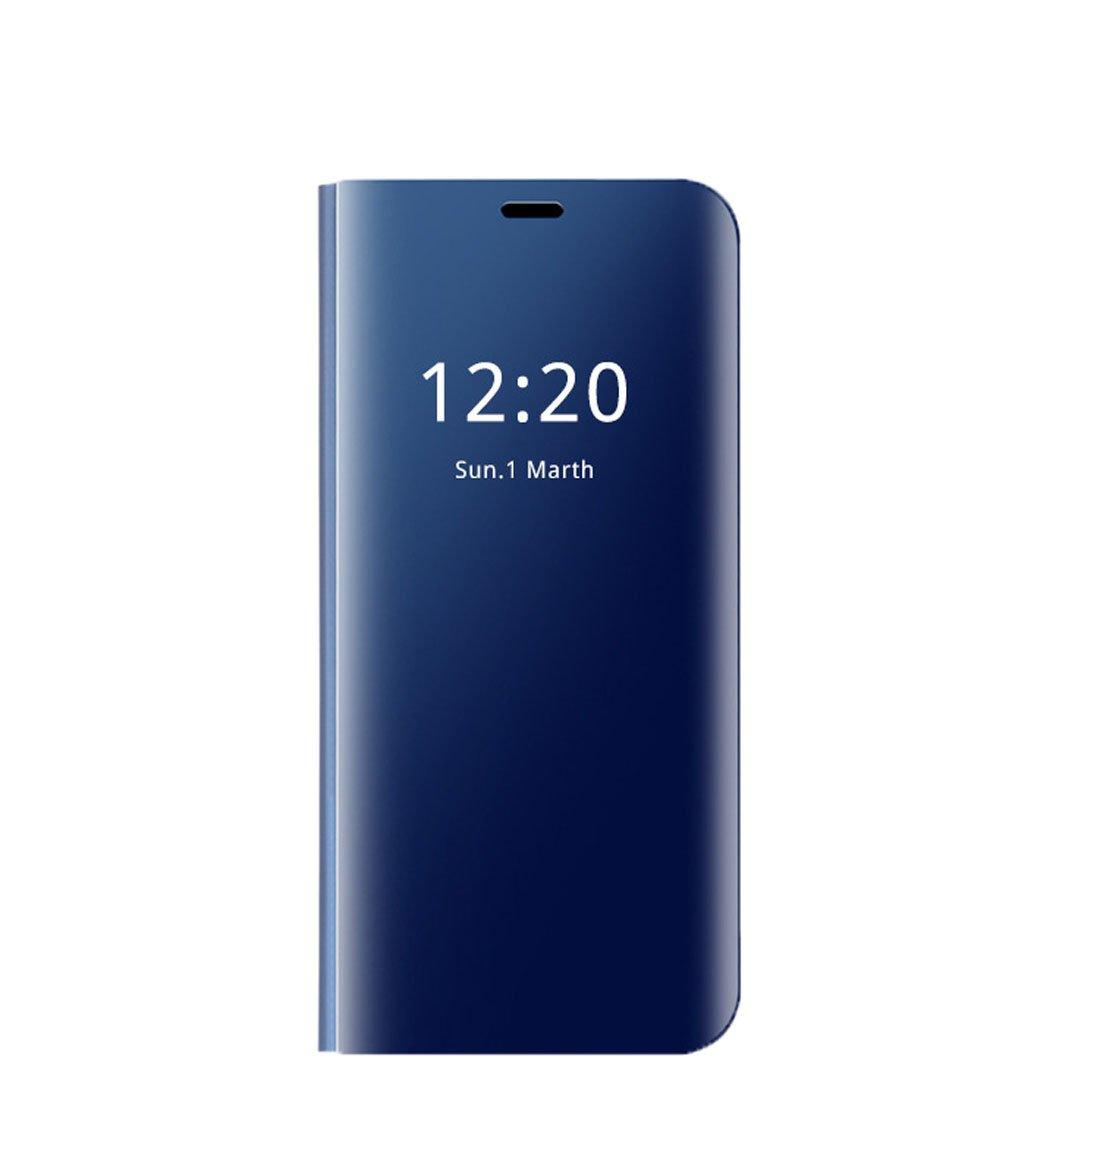 Samsung Galaxy S6 Hülle Galaxy S6 Edge Handyhülle PU Flip Leder Case Kratzfest Cover Smart Leather Fulll Schutz Etui Mühlenbeständig Tasche Smart Schutz Case 5.1